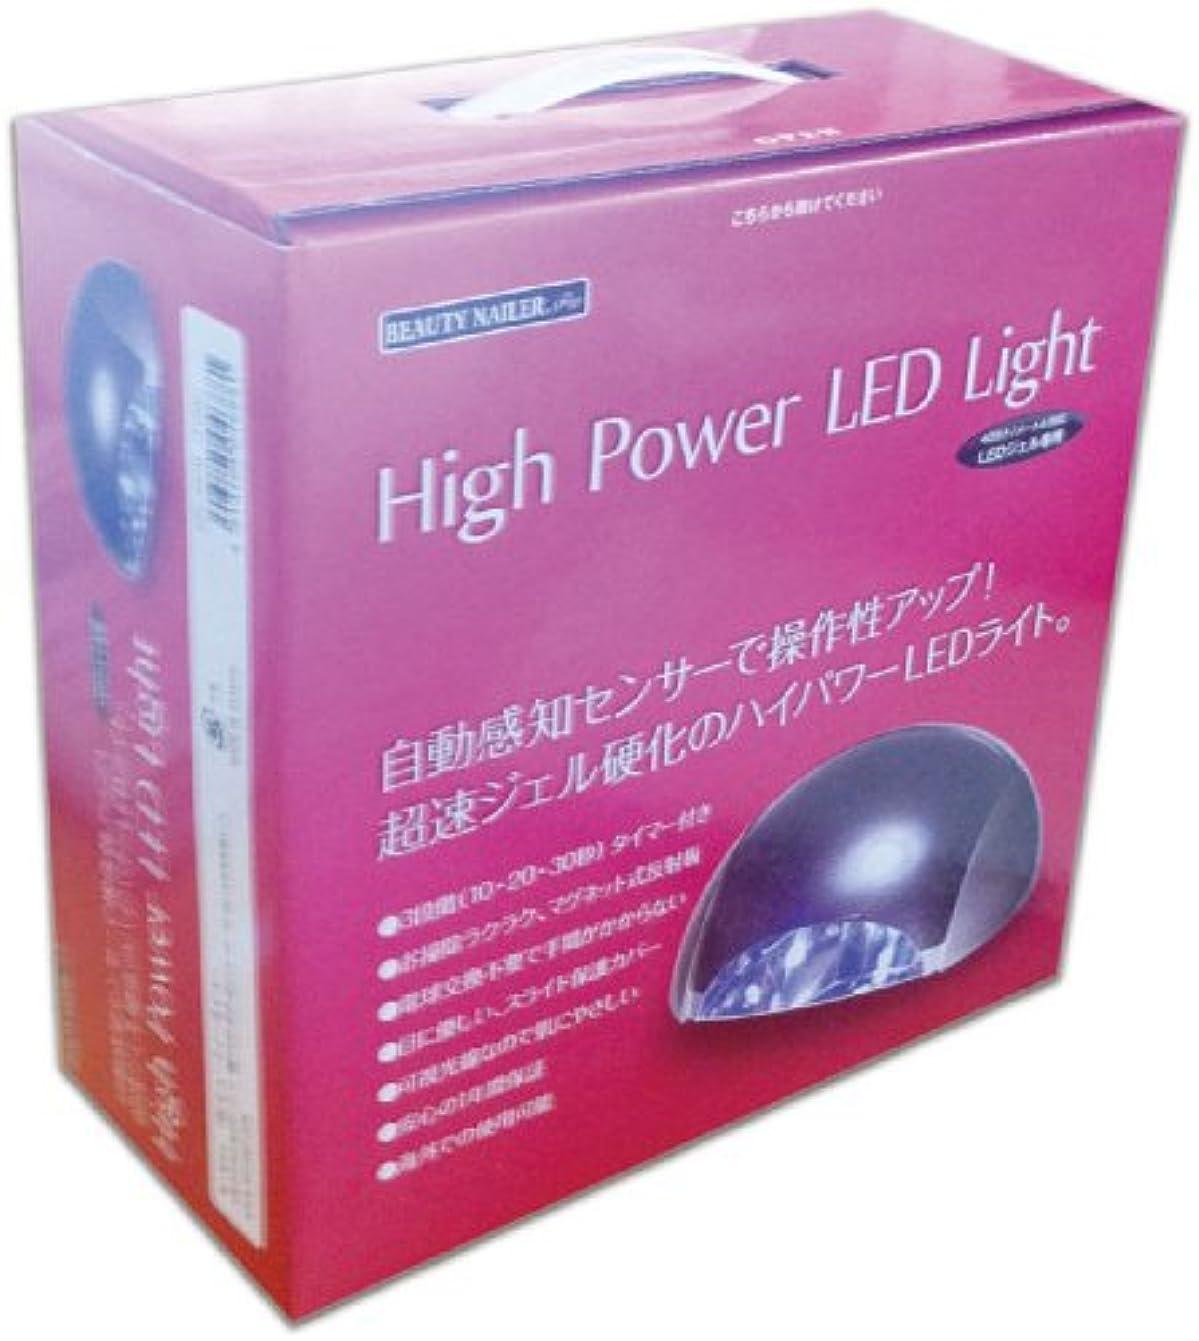 不誠実合金きゅうりビューティーネイラー ハイパワーLEDライト HPL-40GB パールブラック